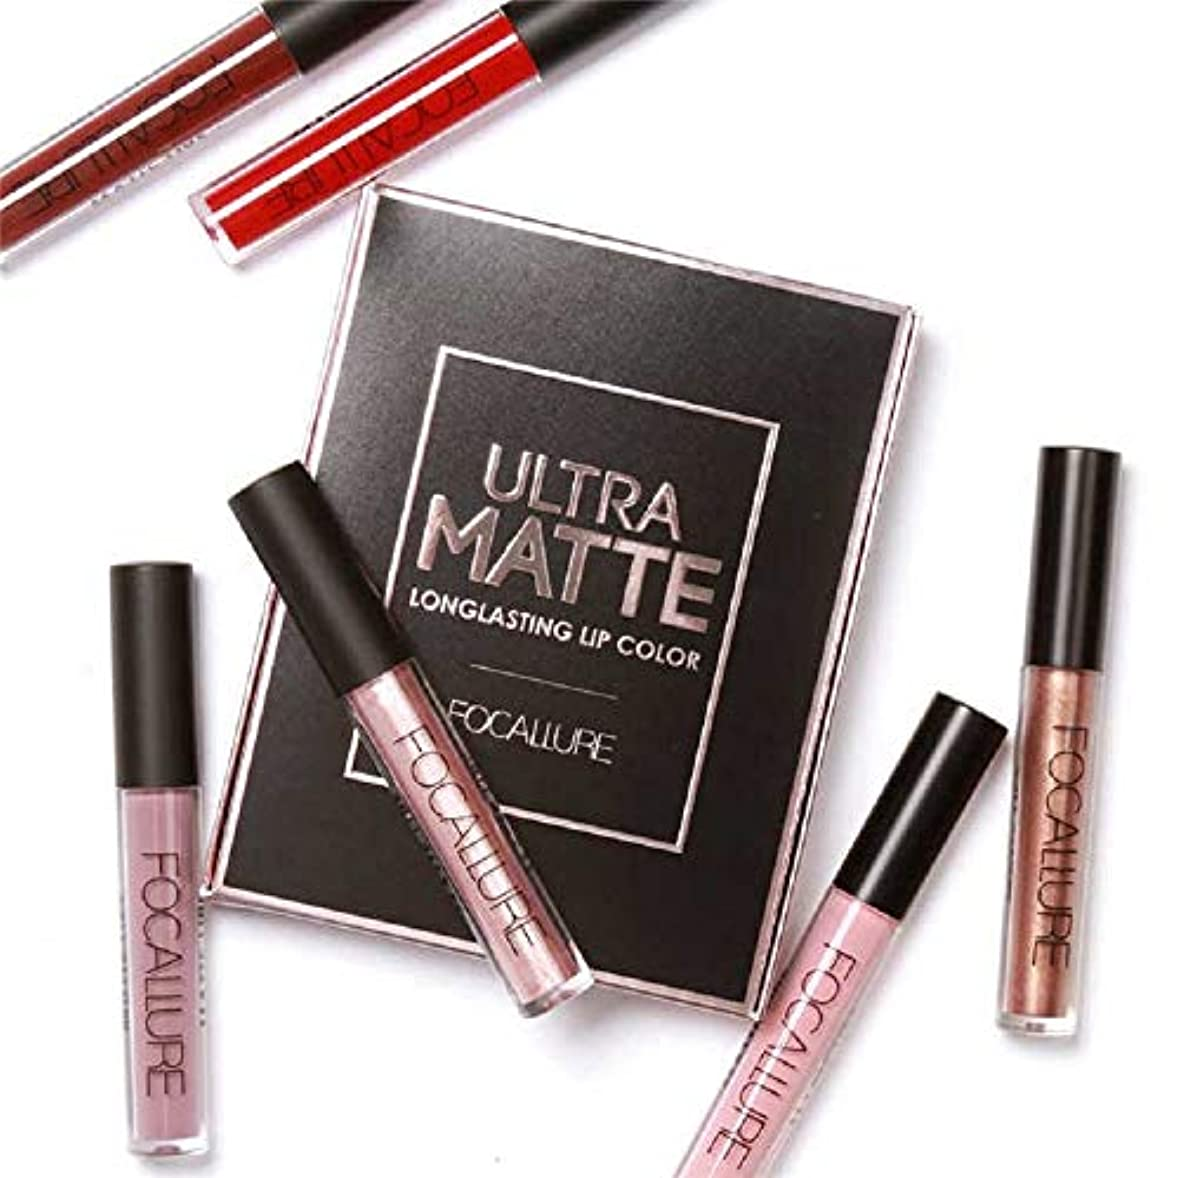 アンタゴニスト政策土砂降り3Pcs/Set Long-lasting Lip Colors Makeup Waterproof Tint Lip Gloss Red Velvet Ultra Nude Matte Lipstick Set リップカラーメーキャップ...